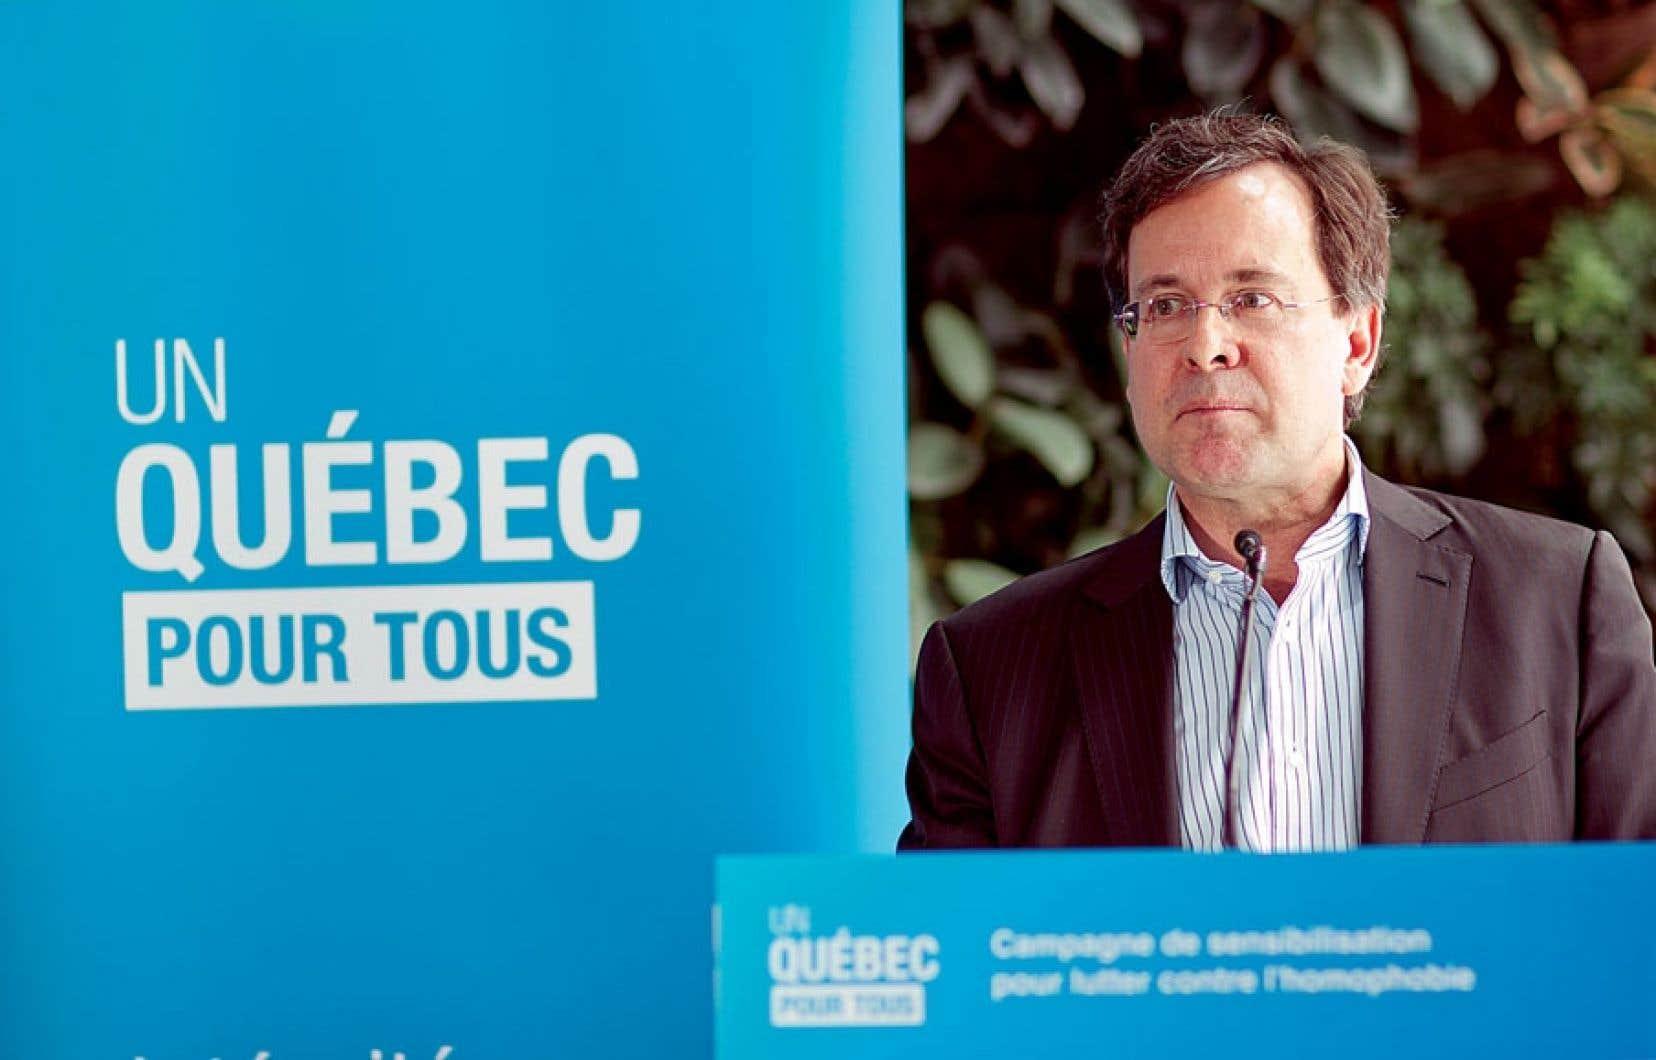 La campagne annoncée dimanche par le ministre de la Justice, Bertrand St-Arnaud, s'articule autour de deux publicités télévisées présentant des couples homosexuels dans des scènes de la vie quotidienne.